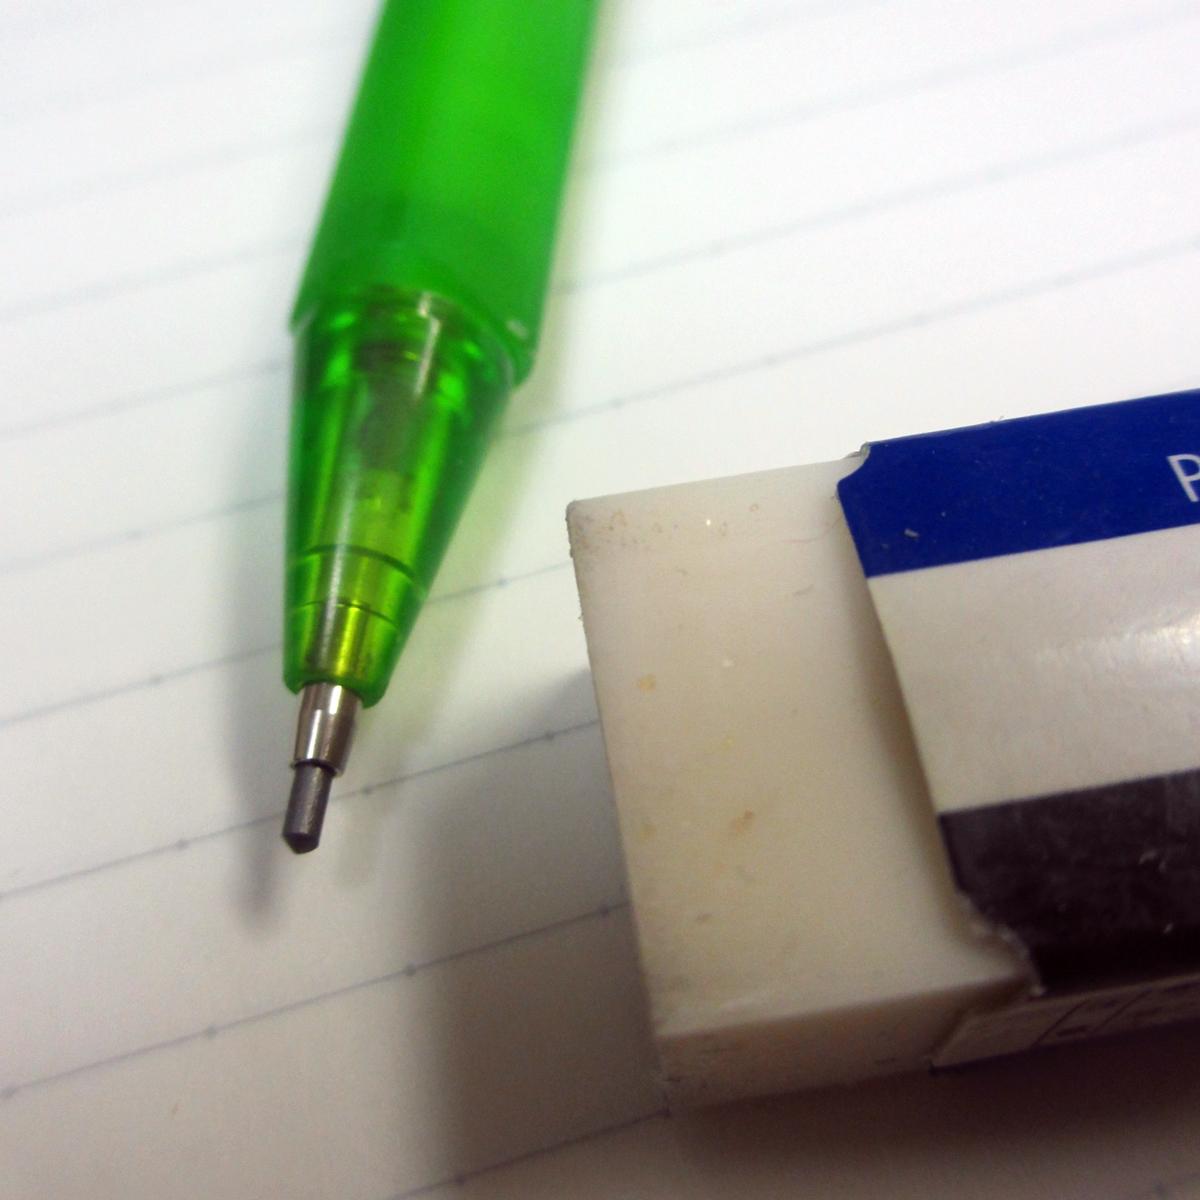 シャーペンと消しゴムとノート20150704 (7)